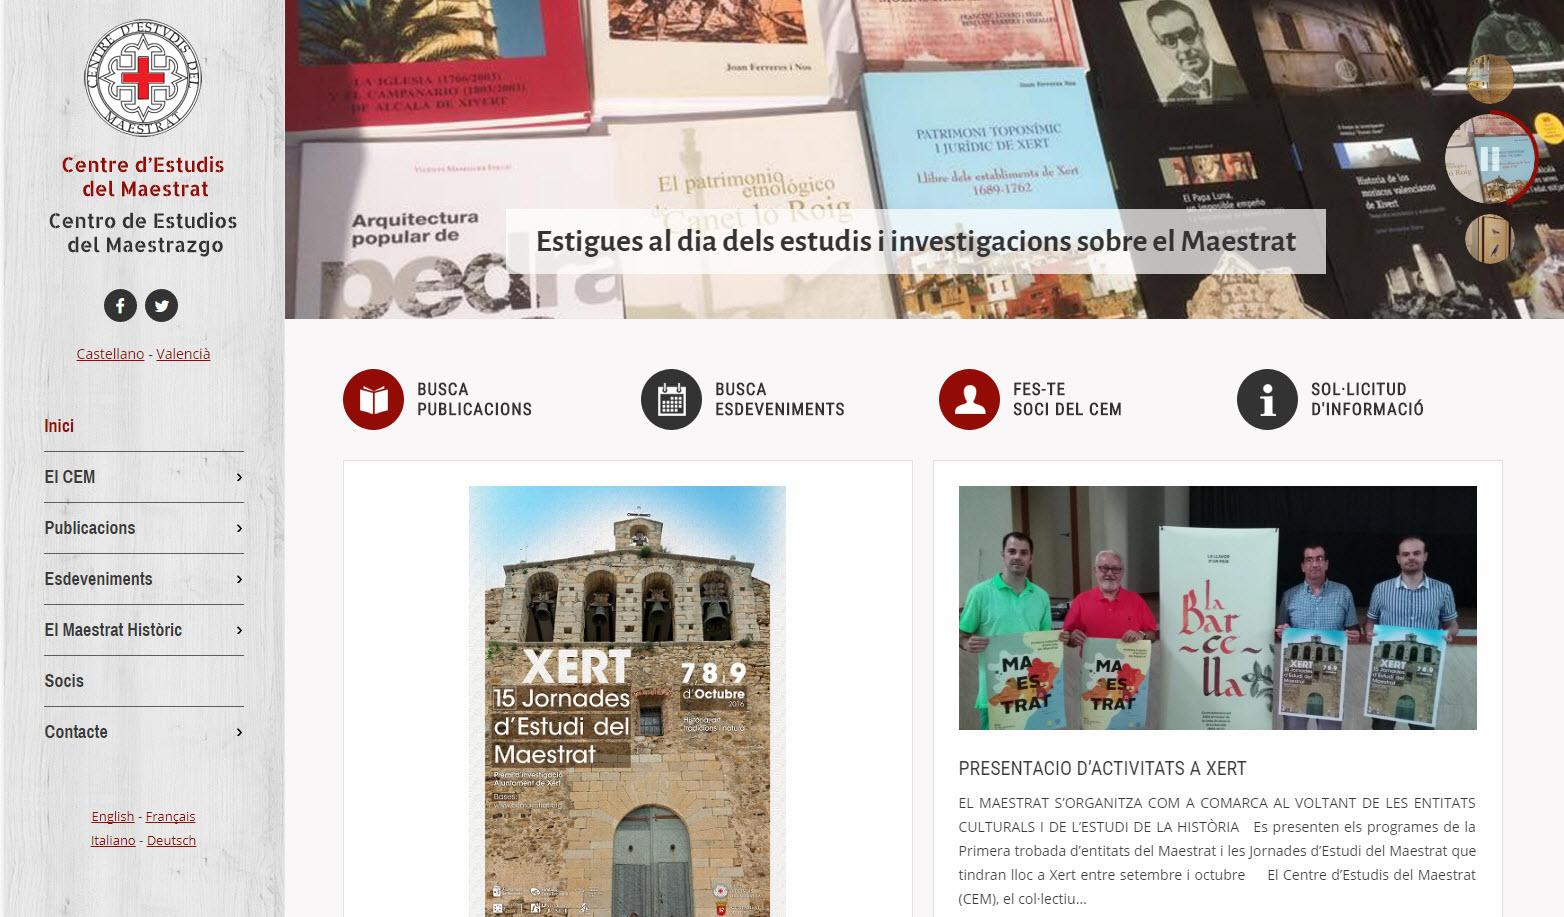 Web Centro Estudios Maestrazgo - Portada con noticias